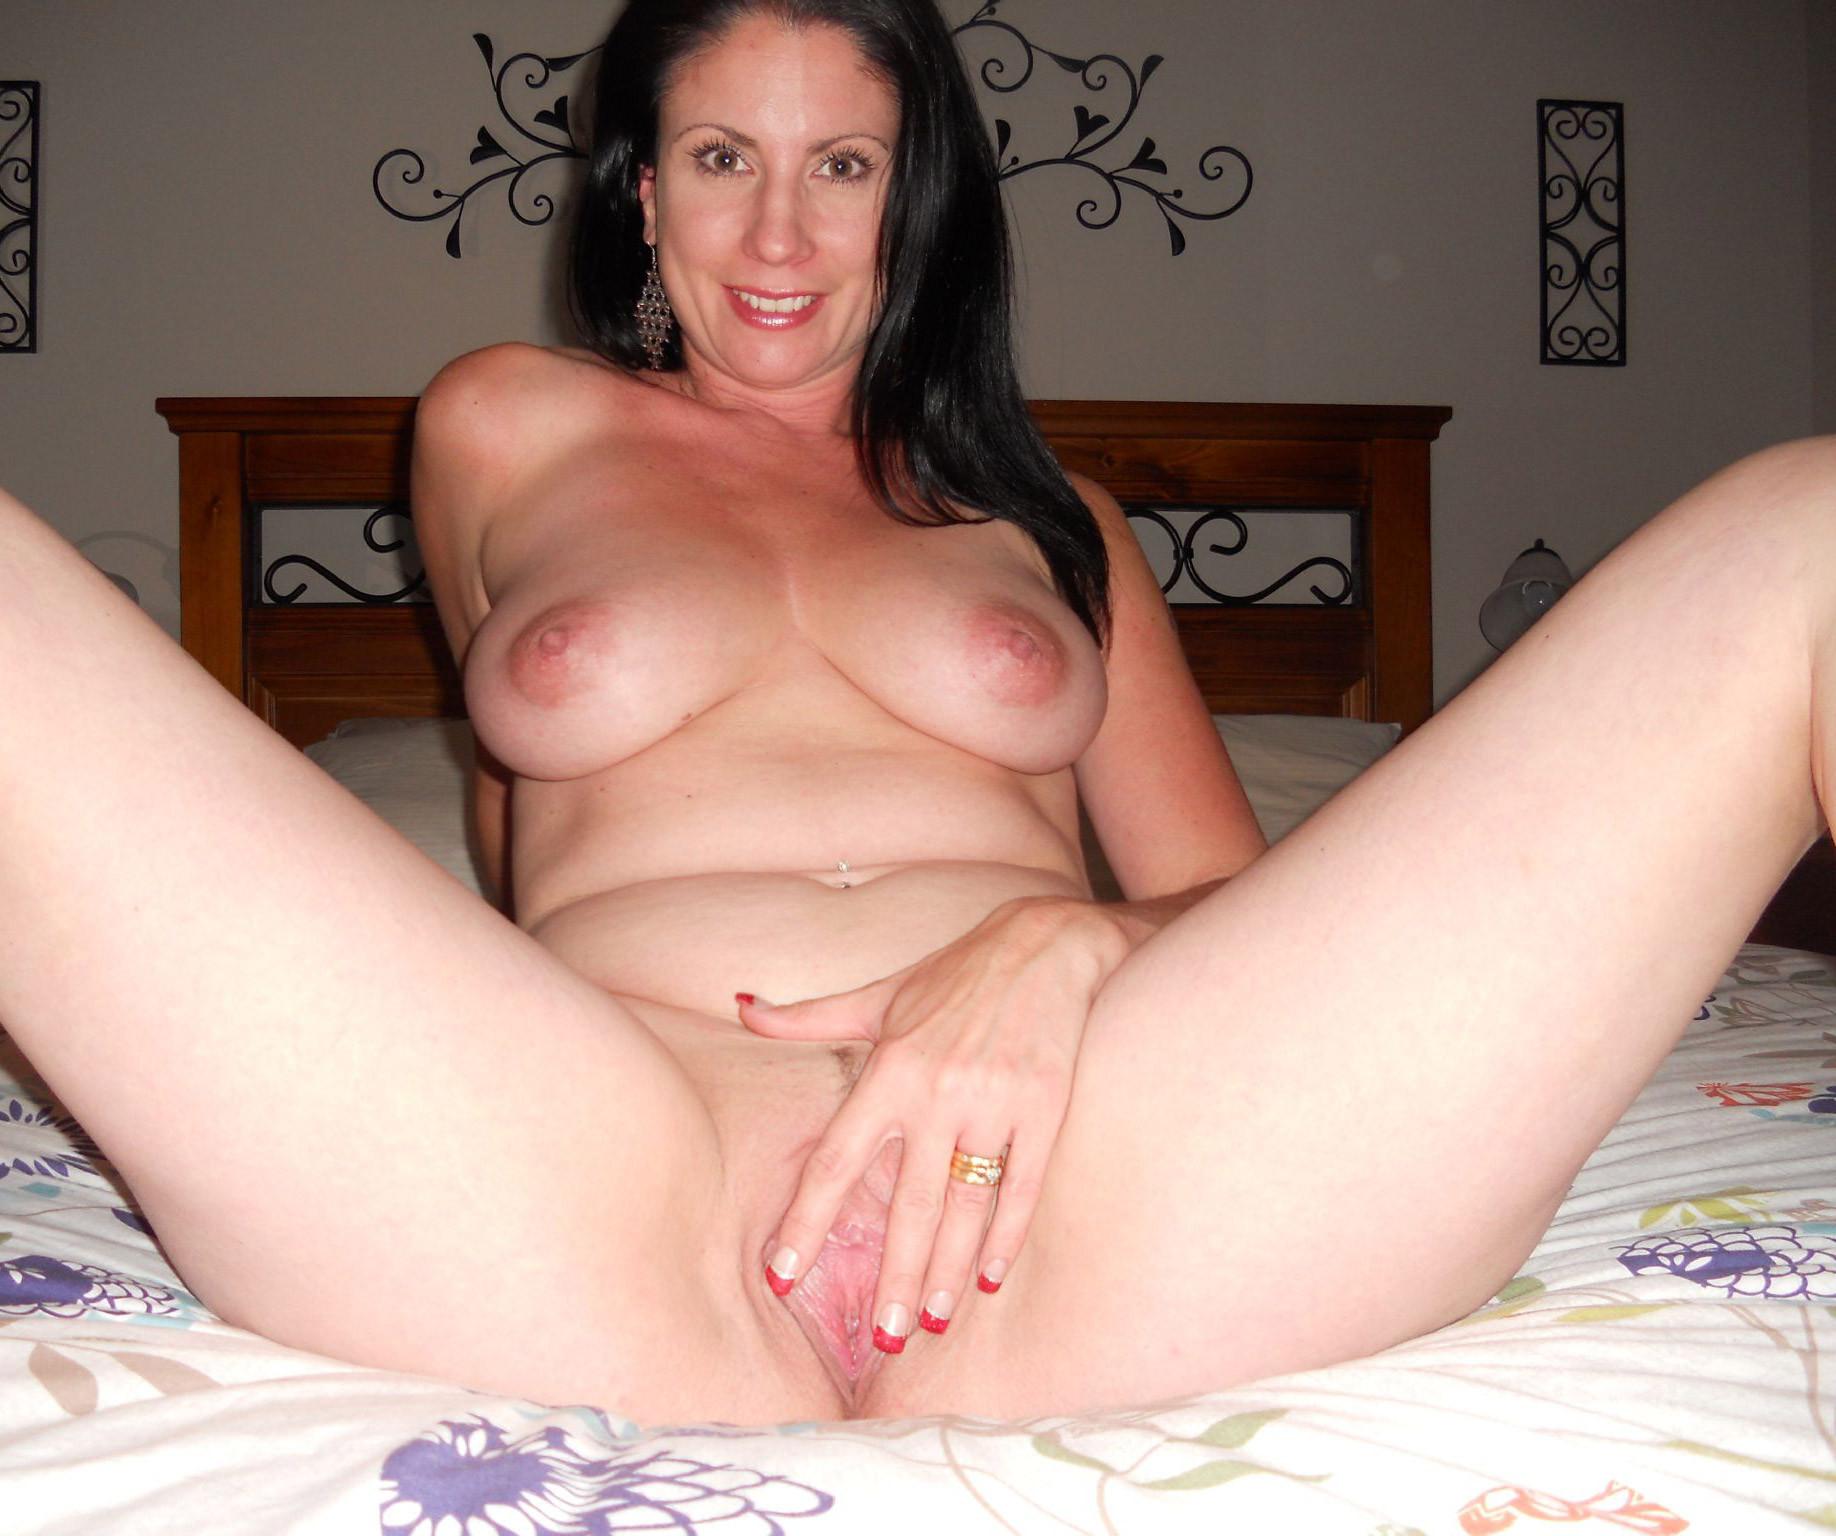 femme cougar veut rencontrer homme pour sexe